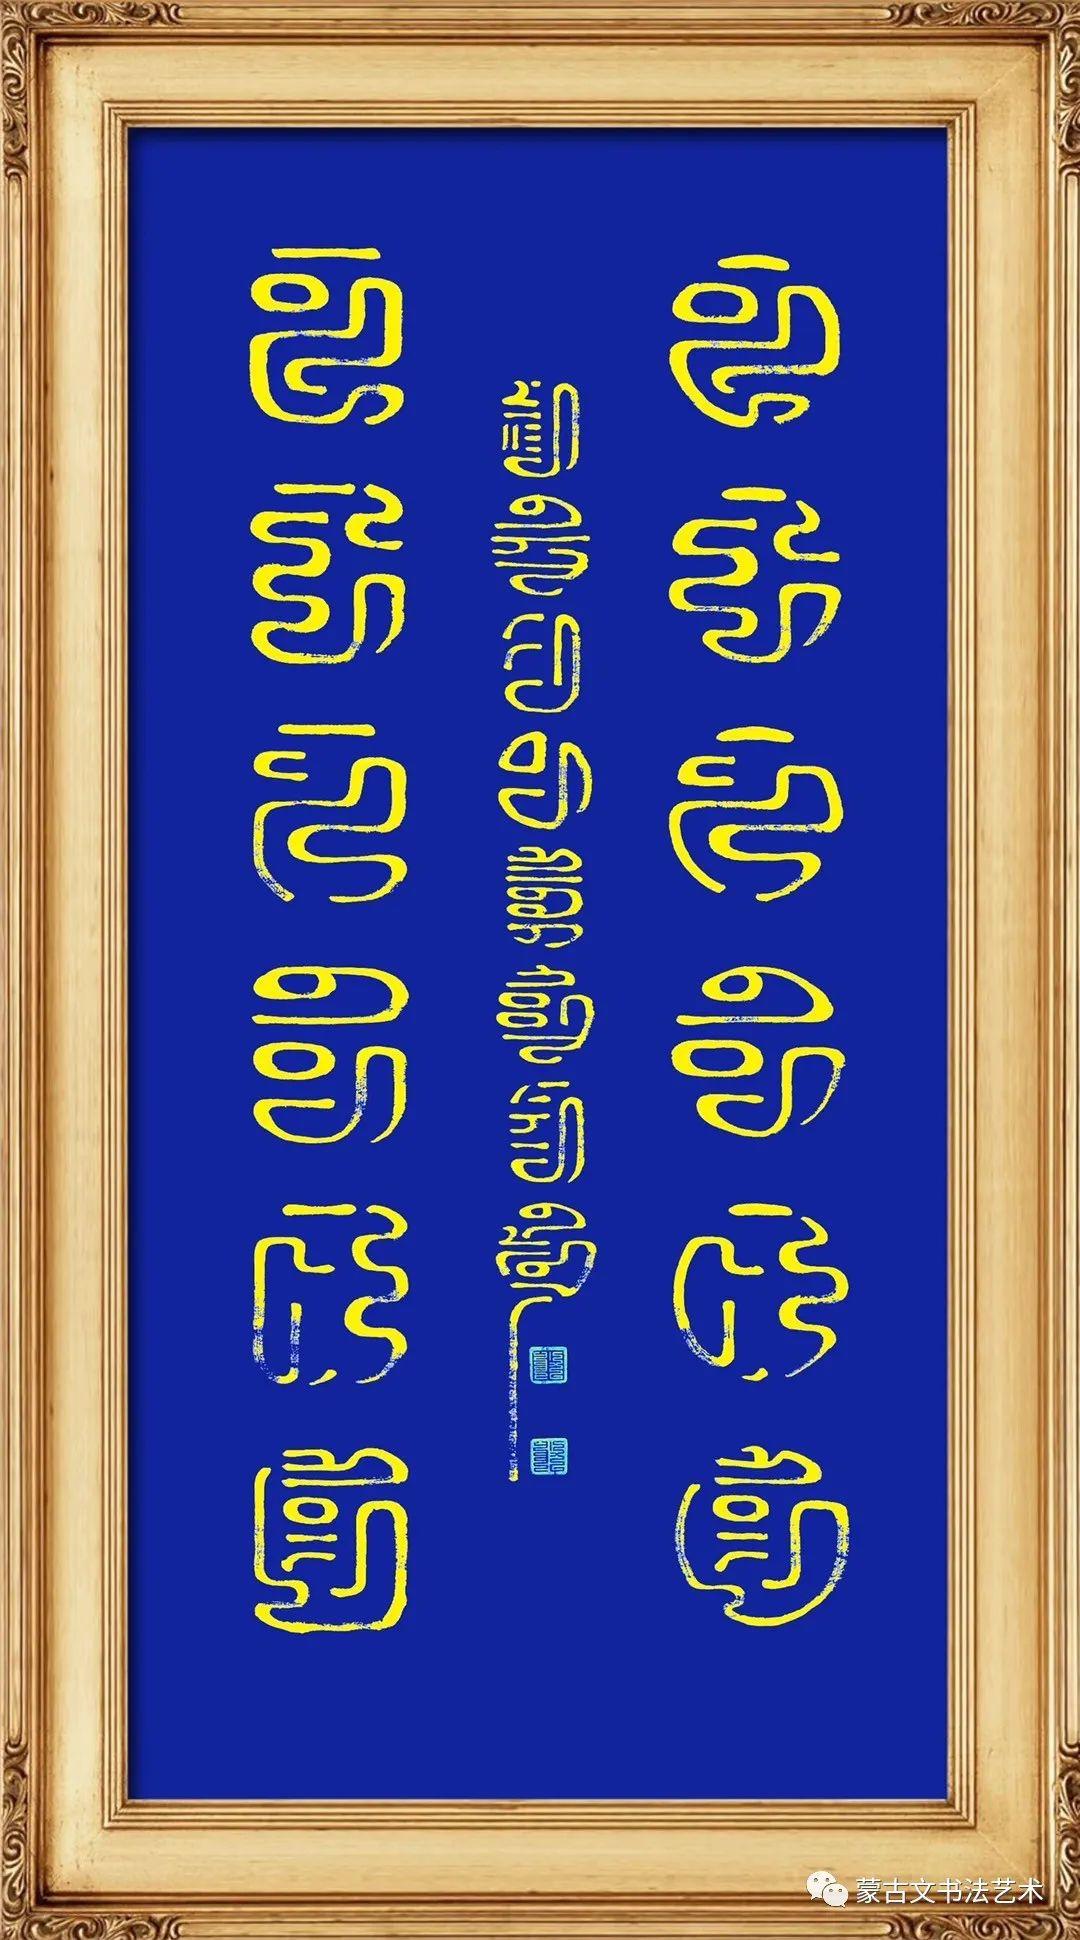 好斯那拉书法作品欣赏 第6张 好斯那拉书法作品欣赏 蒙古书法